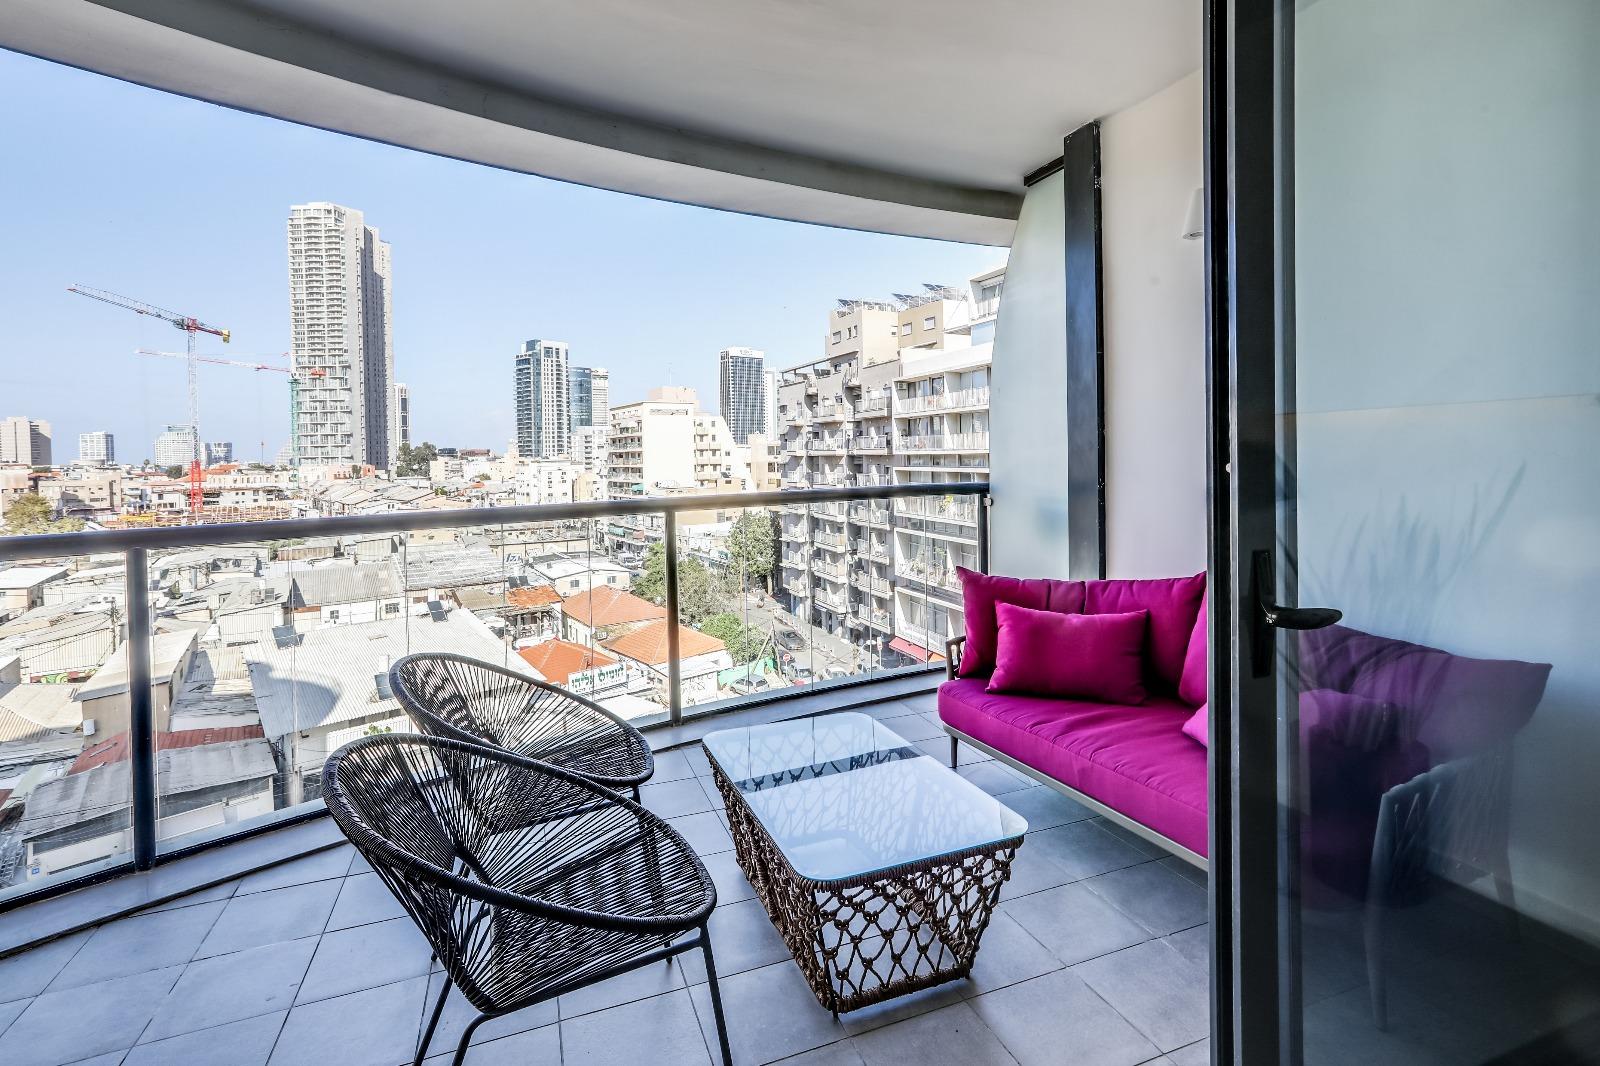 3 bedroom apartment on Florentine Quartet